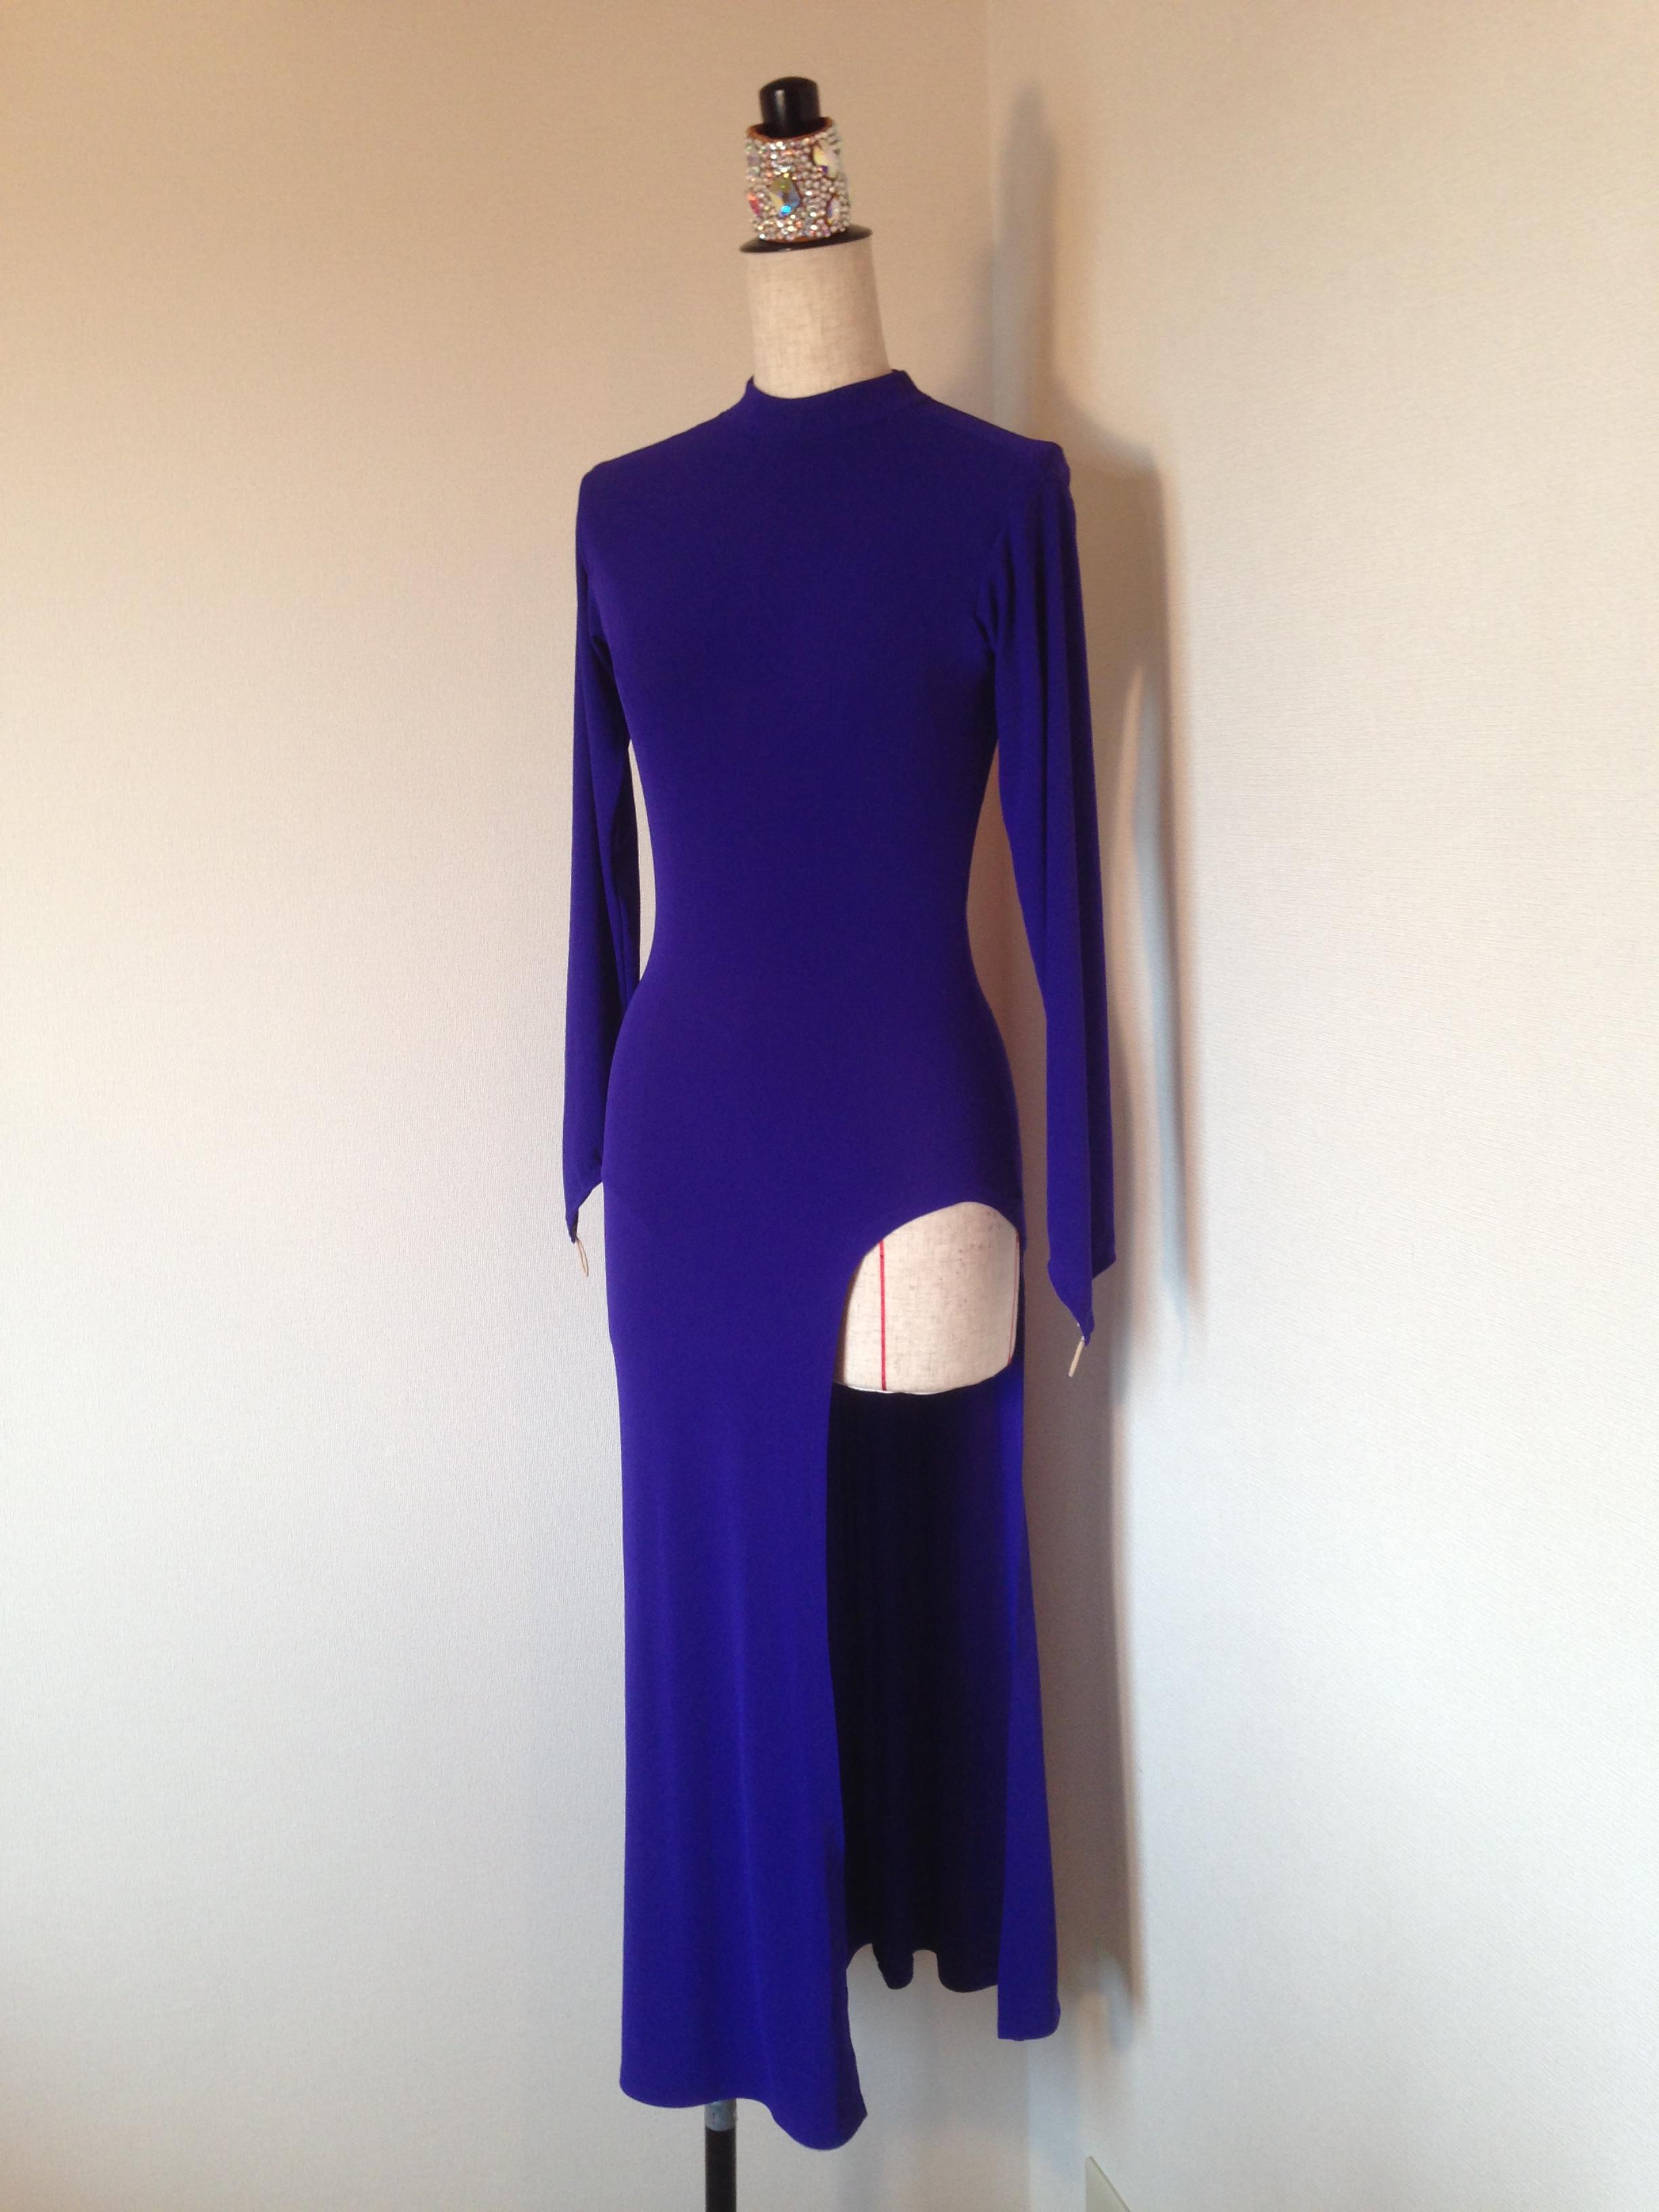 シンプルイズベスト、なシックなロングドレス